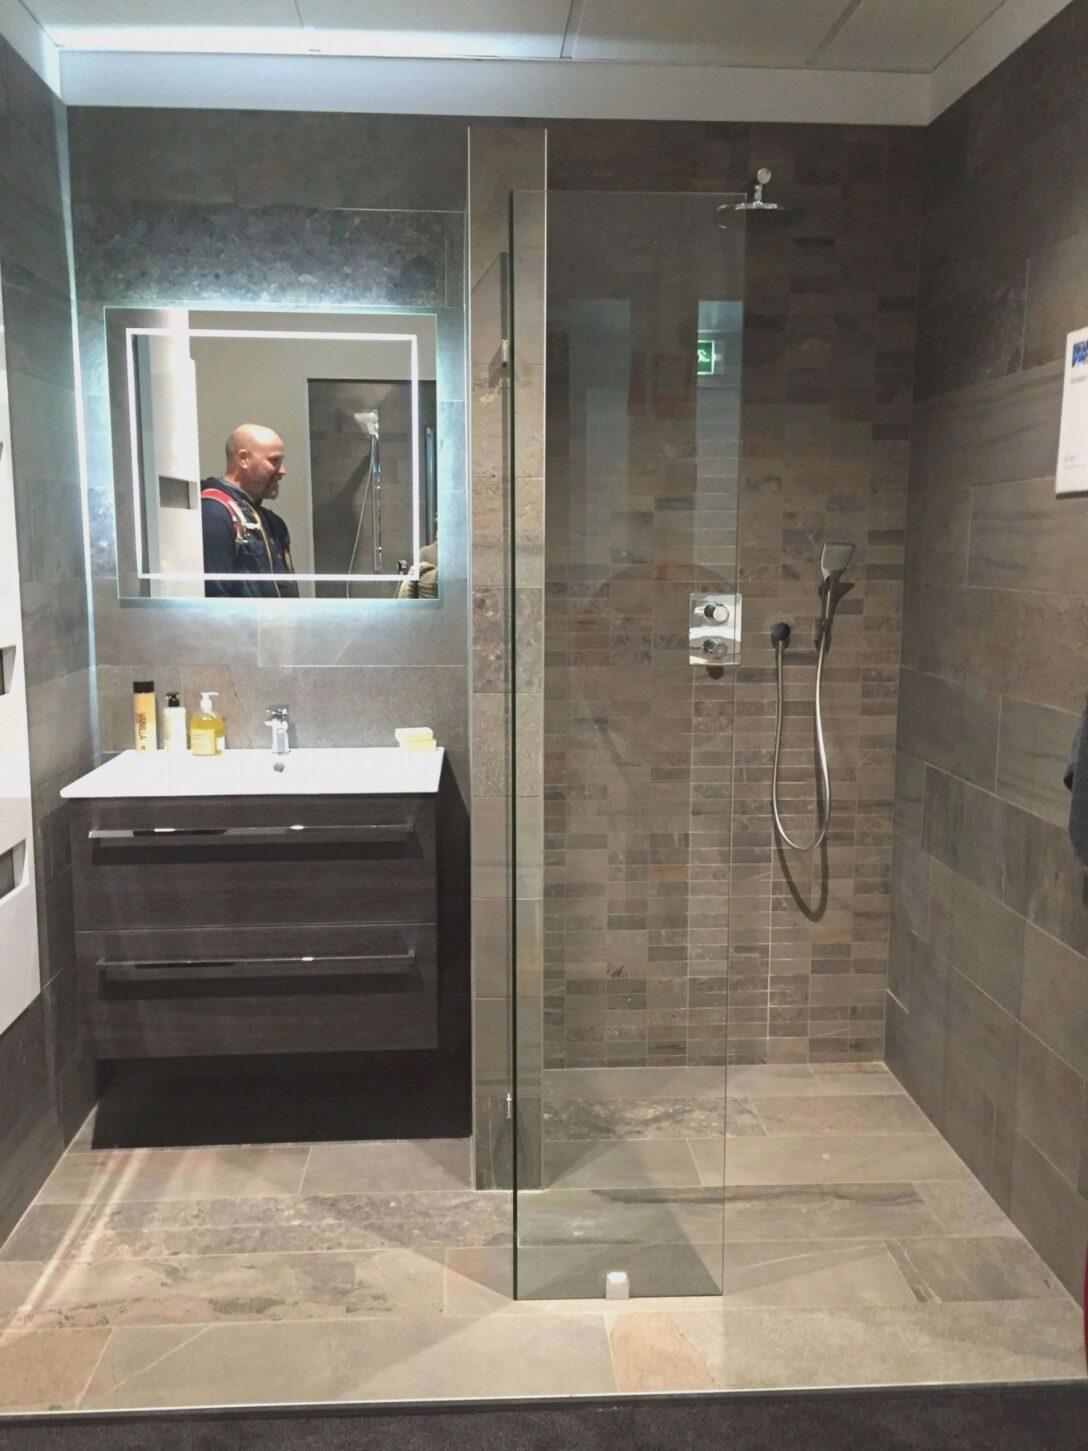 Large Size of Badewannenumbau Zur Dusche Kosten Glaswand Neue Fenster Unterputz Armatur Bodengleiche Duschen Bad Sanieren Nischentür Ebenerdige 80x80 Barrierefreie Dusche Ebenerdige Dusche Kosten